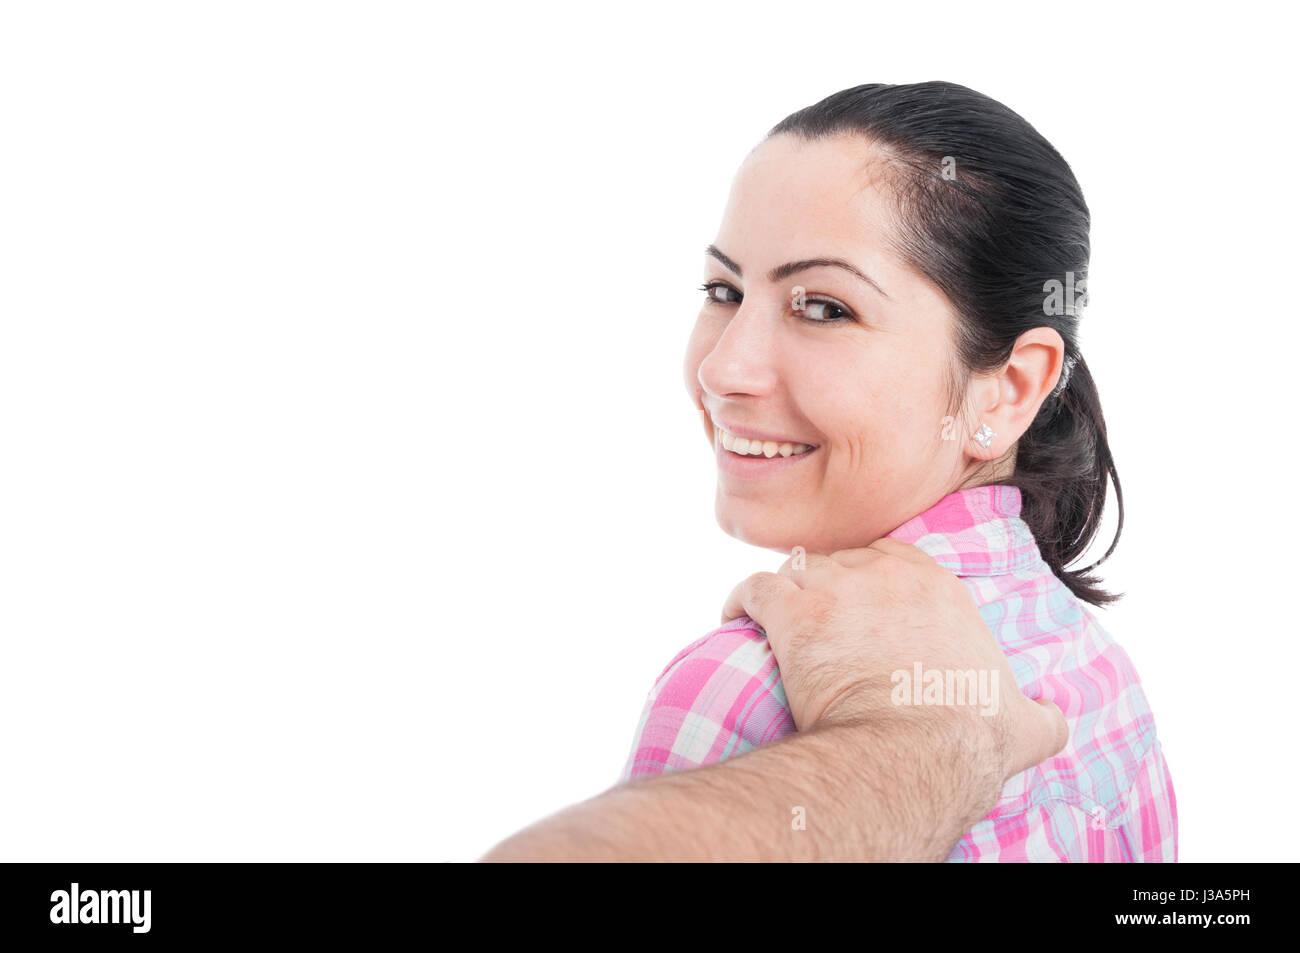 Homme étonnant de son amant derrière isolé sur blanc avec zone publicitaire Photo Stock